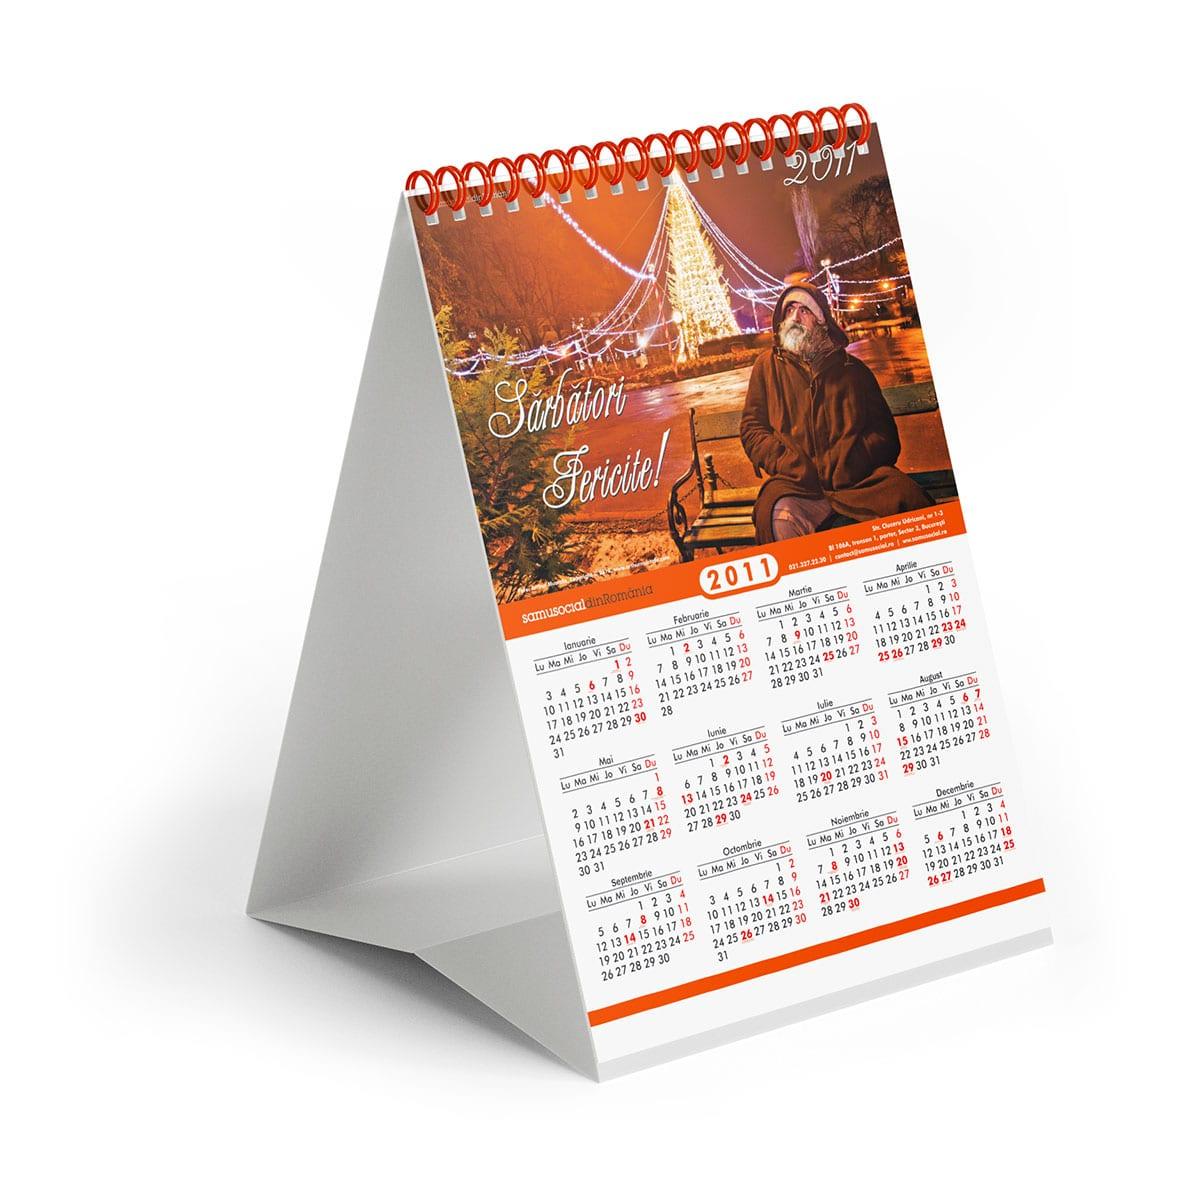 Oferim servicii profesionale de design calendare, pentru toate tipurile cele mai utilizate de calendare